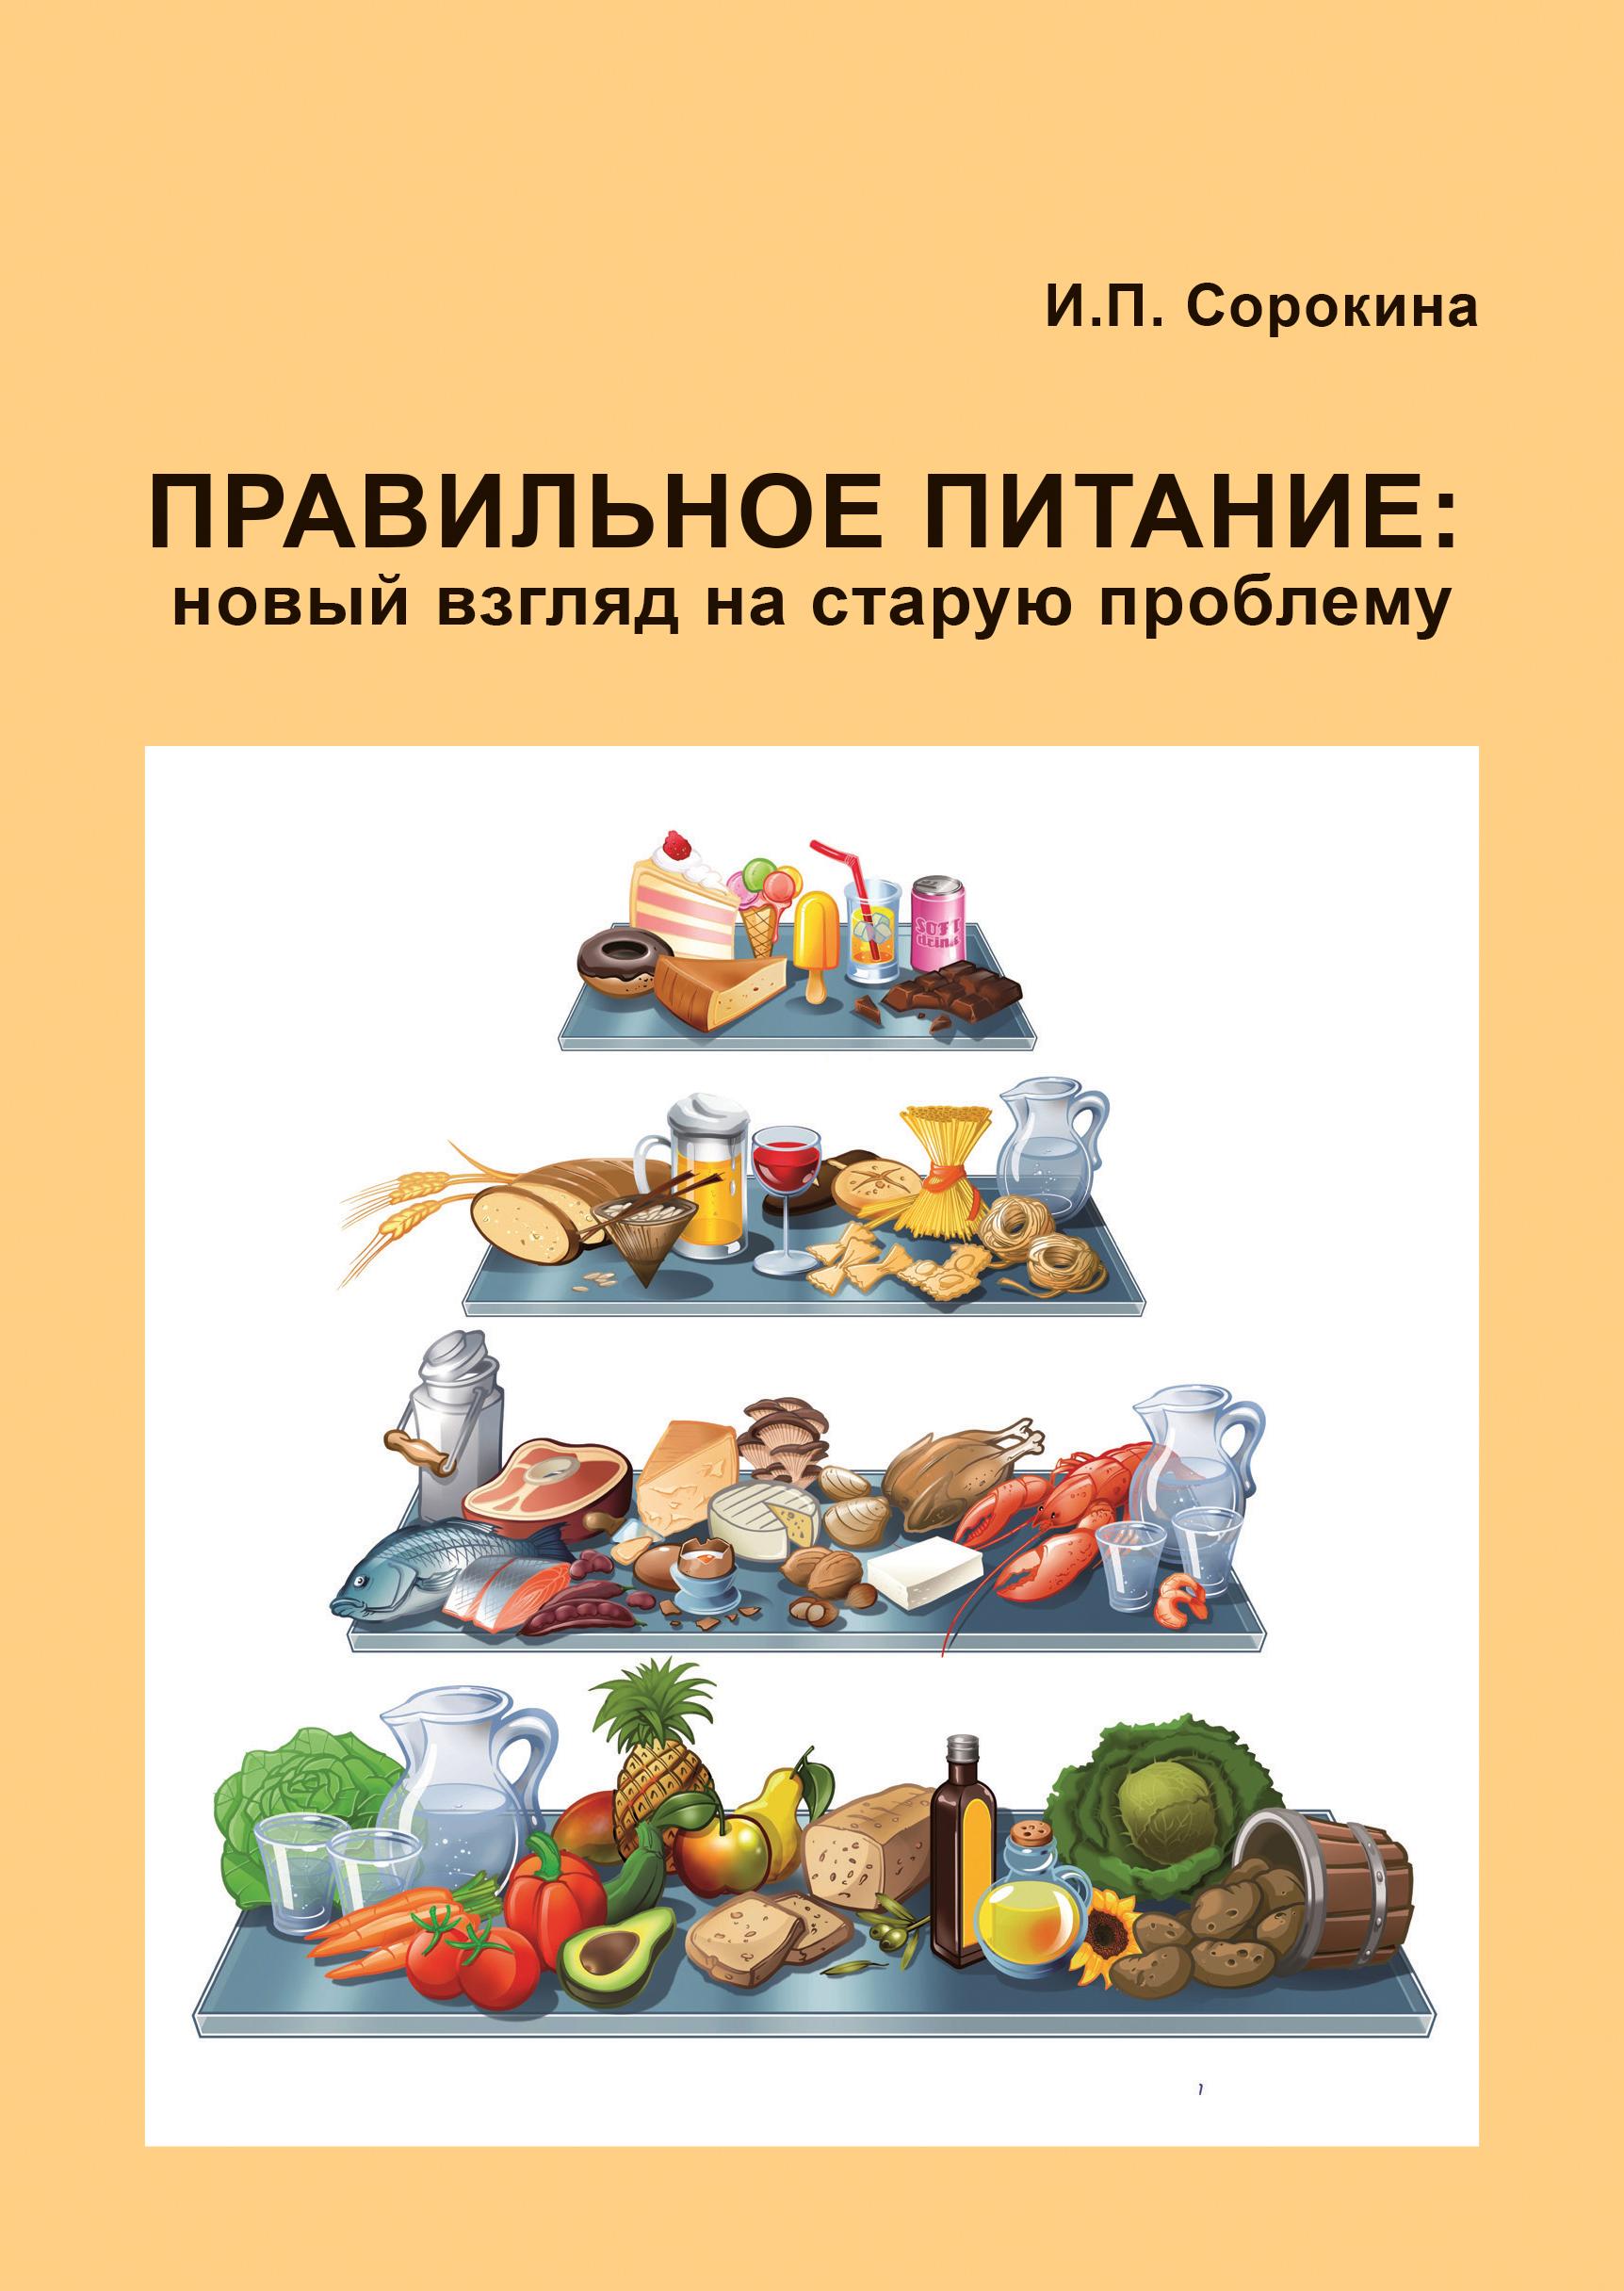 Правильное питание: новый взгляд на старую проблему